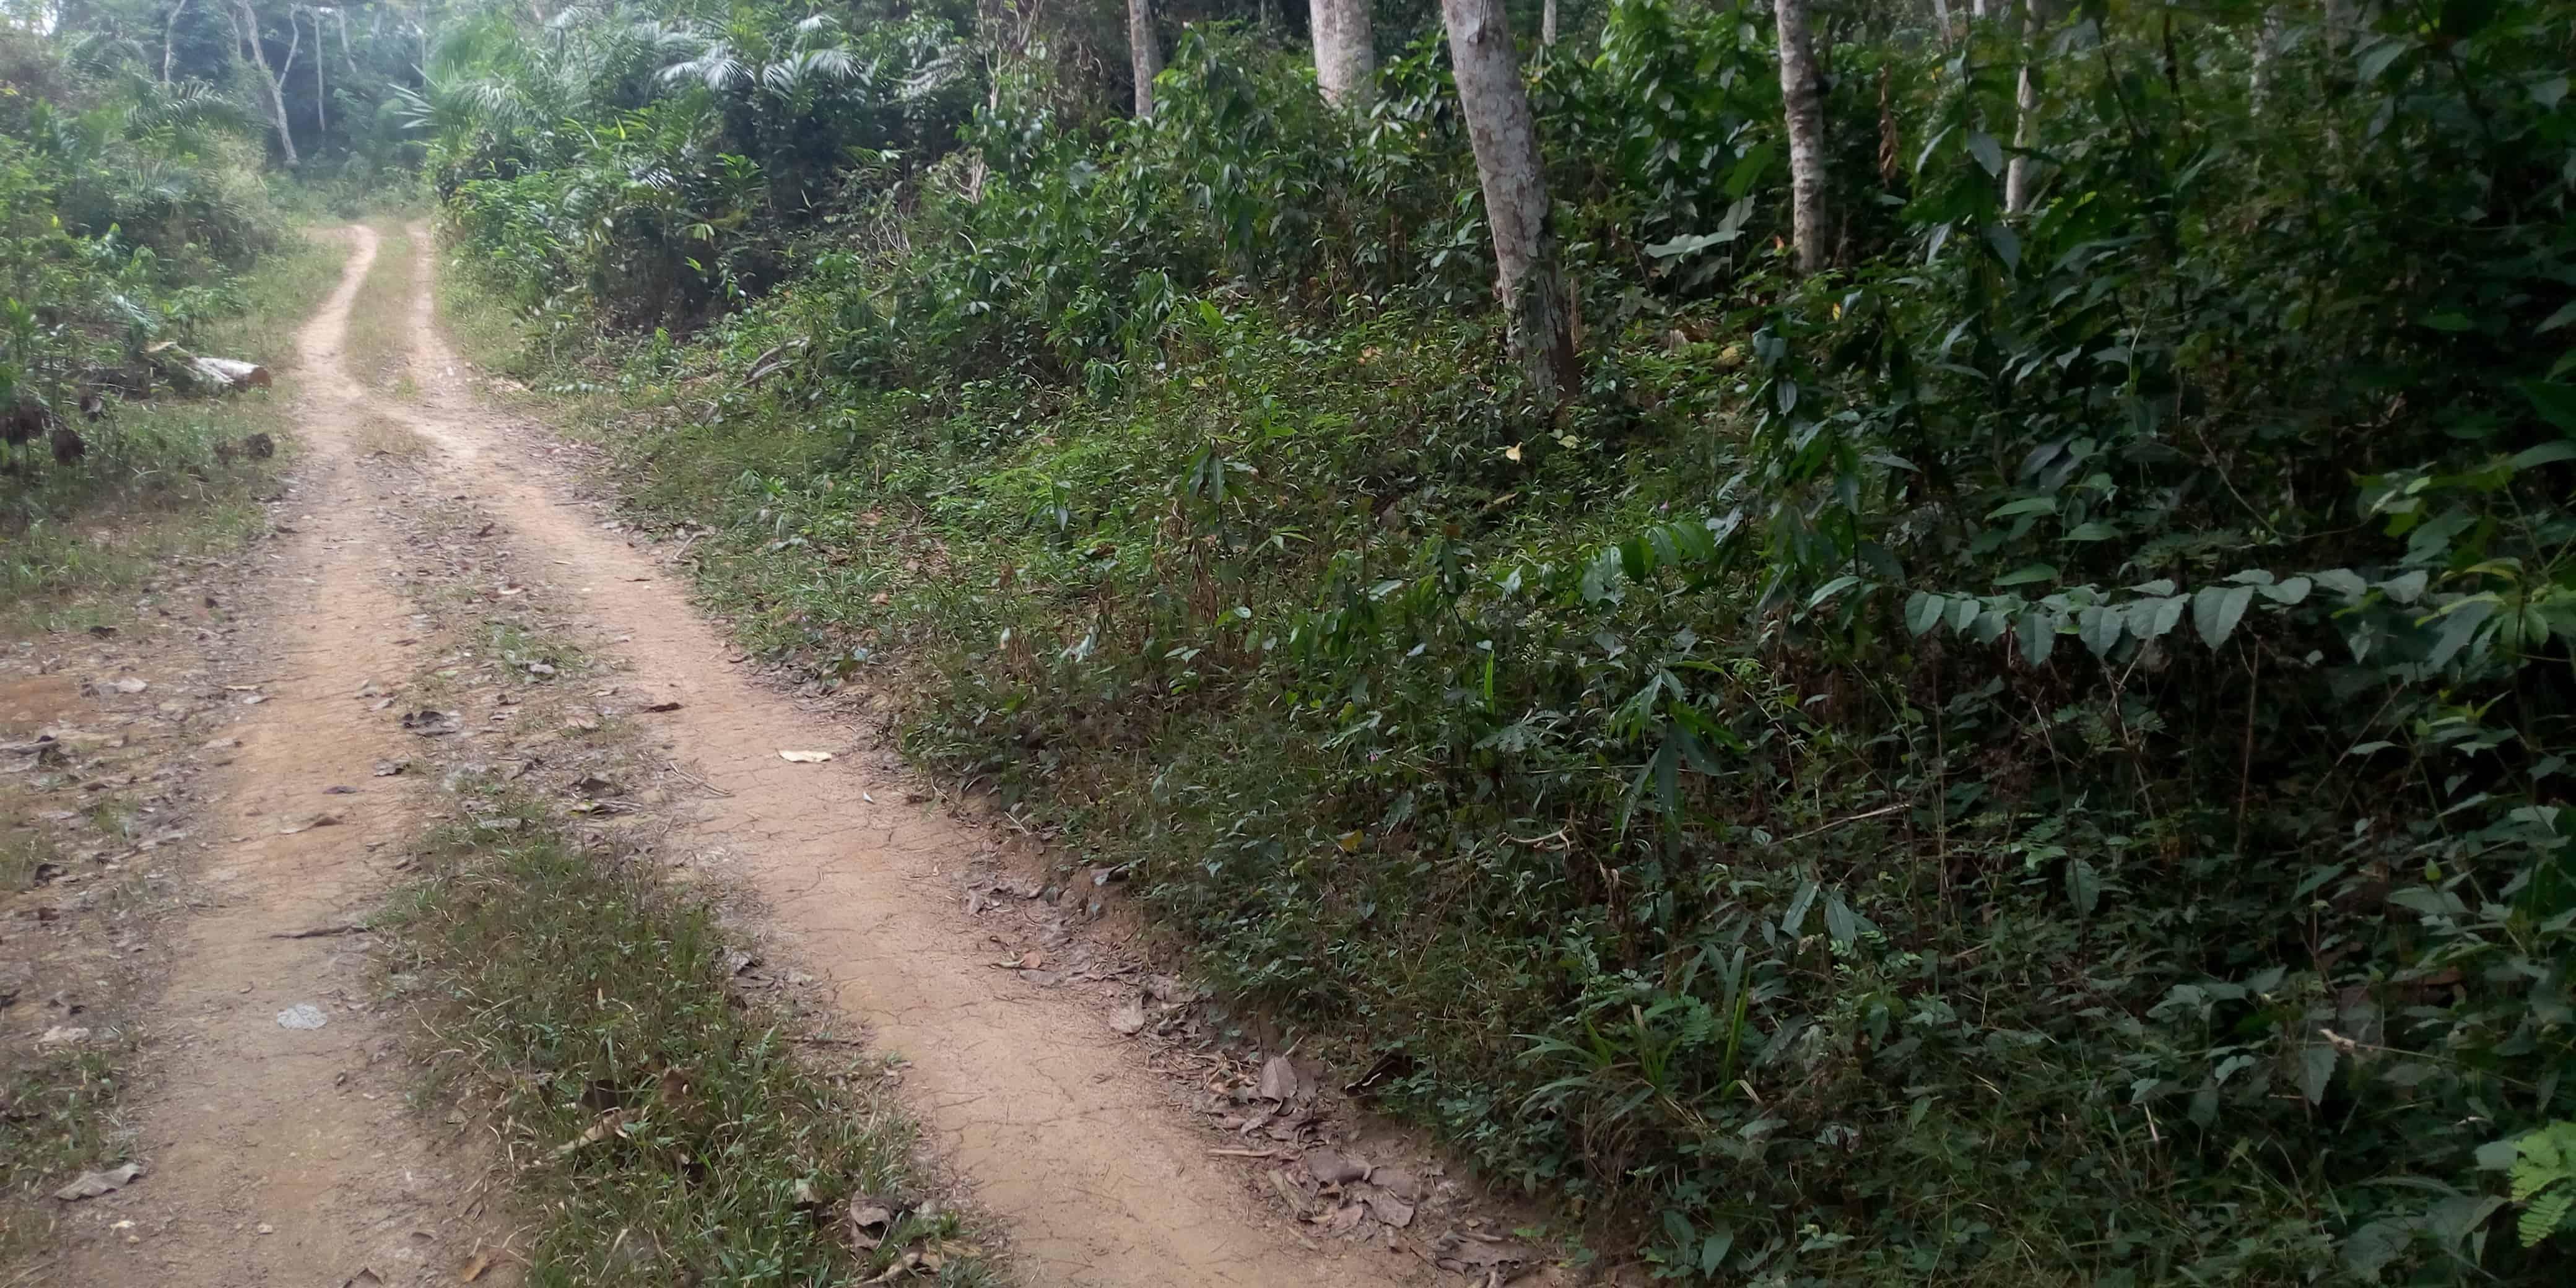 Land for sale at Yaoundé, Nsimalen, 3 HECTARES TITRÉS À VENDRE YAOUNDÉ NSIMALEN À 10 KM DE LA PISTE D'ATTERRISSAGE - 30000 m2 - 70 000 000 FCFA